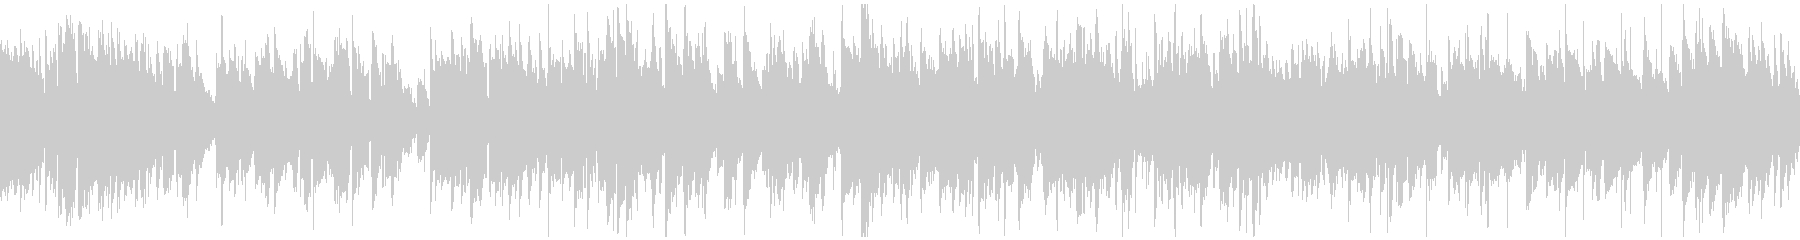 知性的で上品なジャズワルツ ※ループ版の未再生の波形